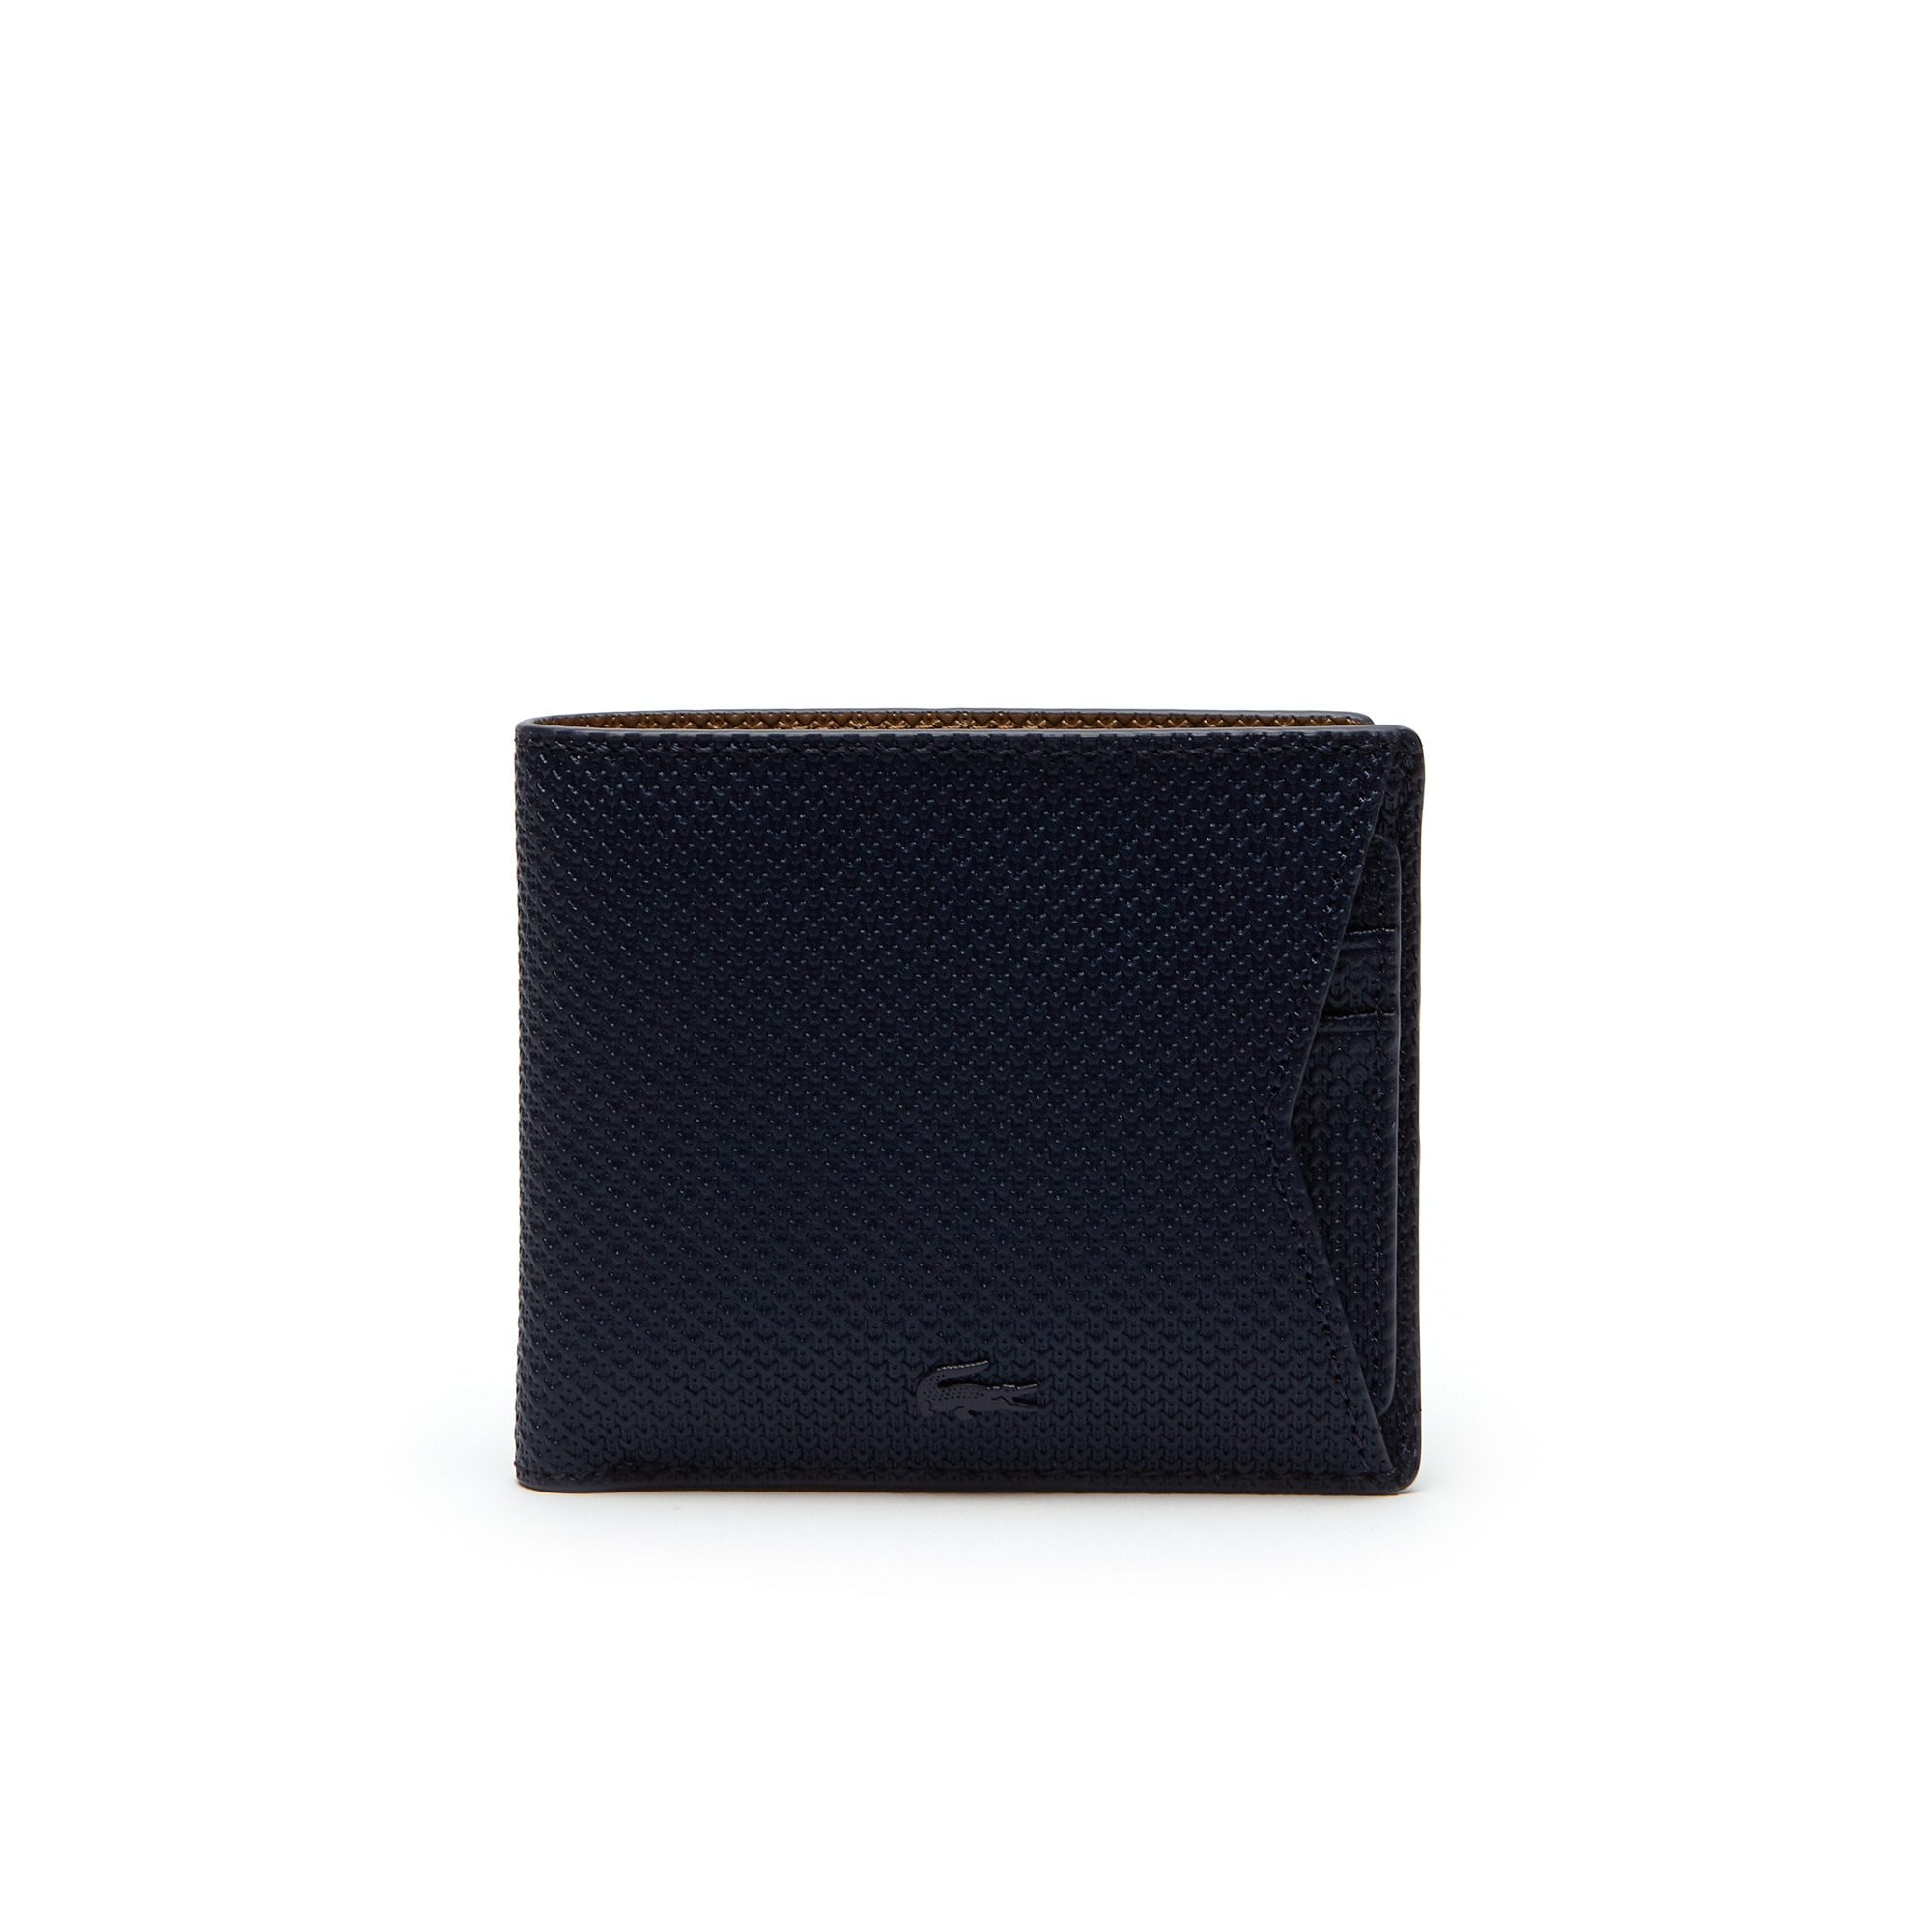 محفظة Chantaco للرجال من الجلد المثقوب أحادي اللون مزودة بحامل للبطاقات